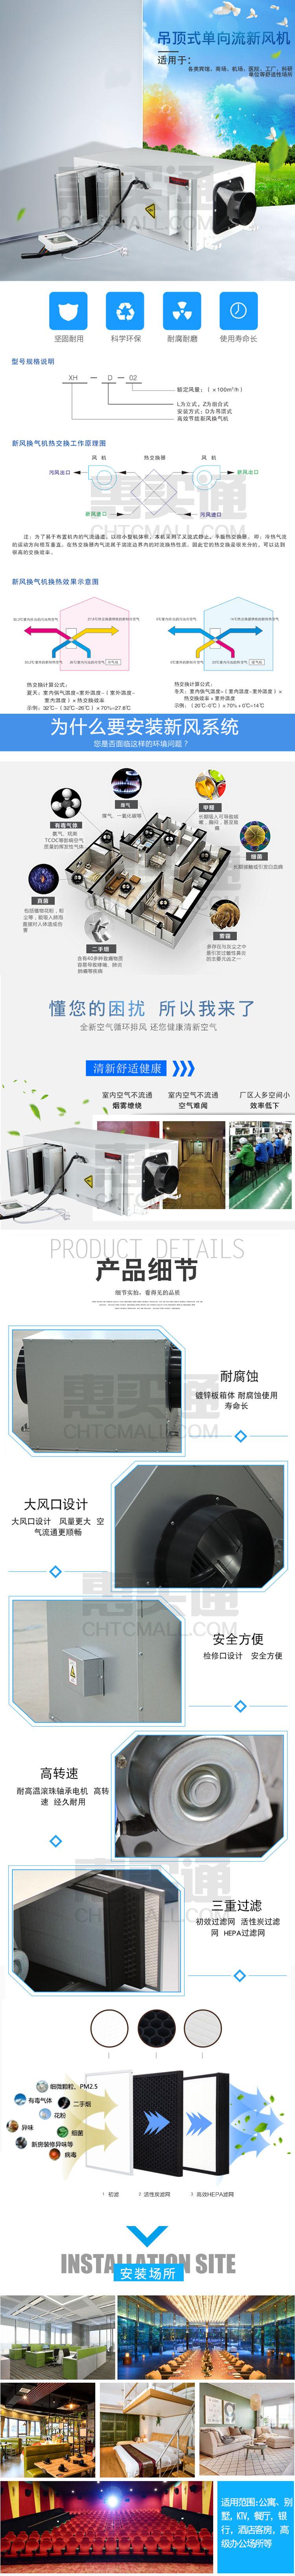 惠买通,风机盘管,新风换气机,空气66.133.87.20|首页